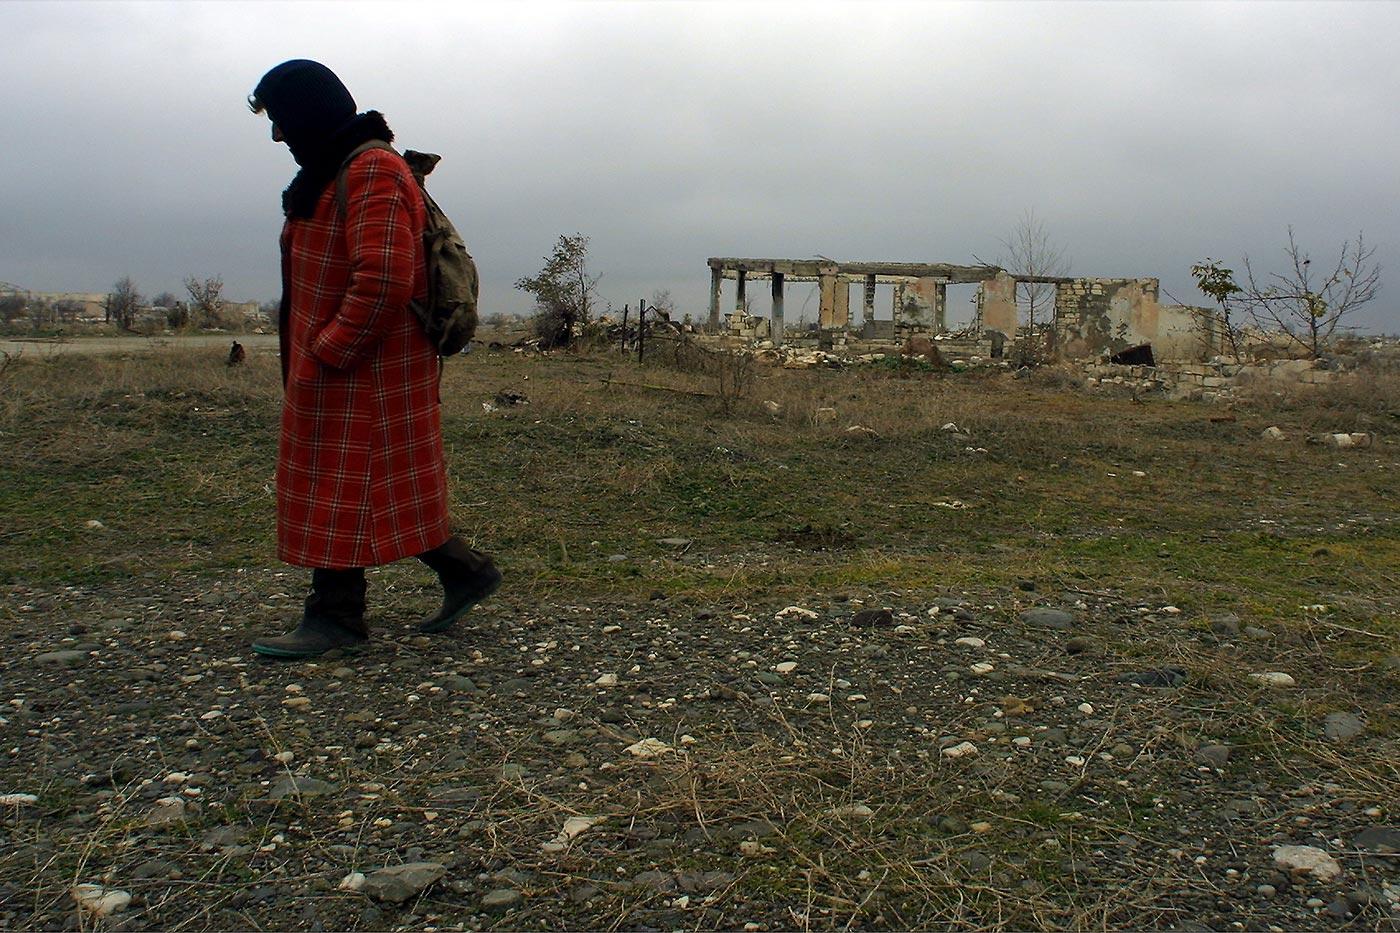 Agdam, Berg-Karabach